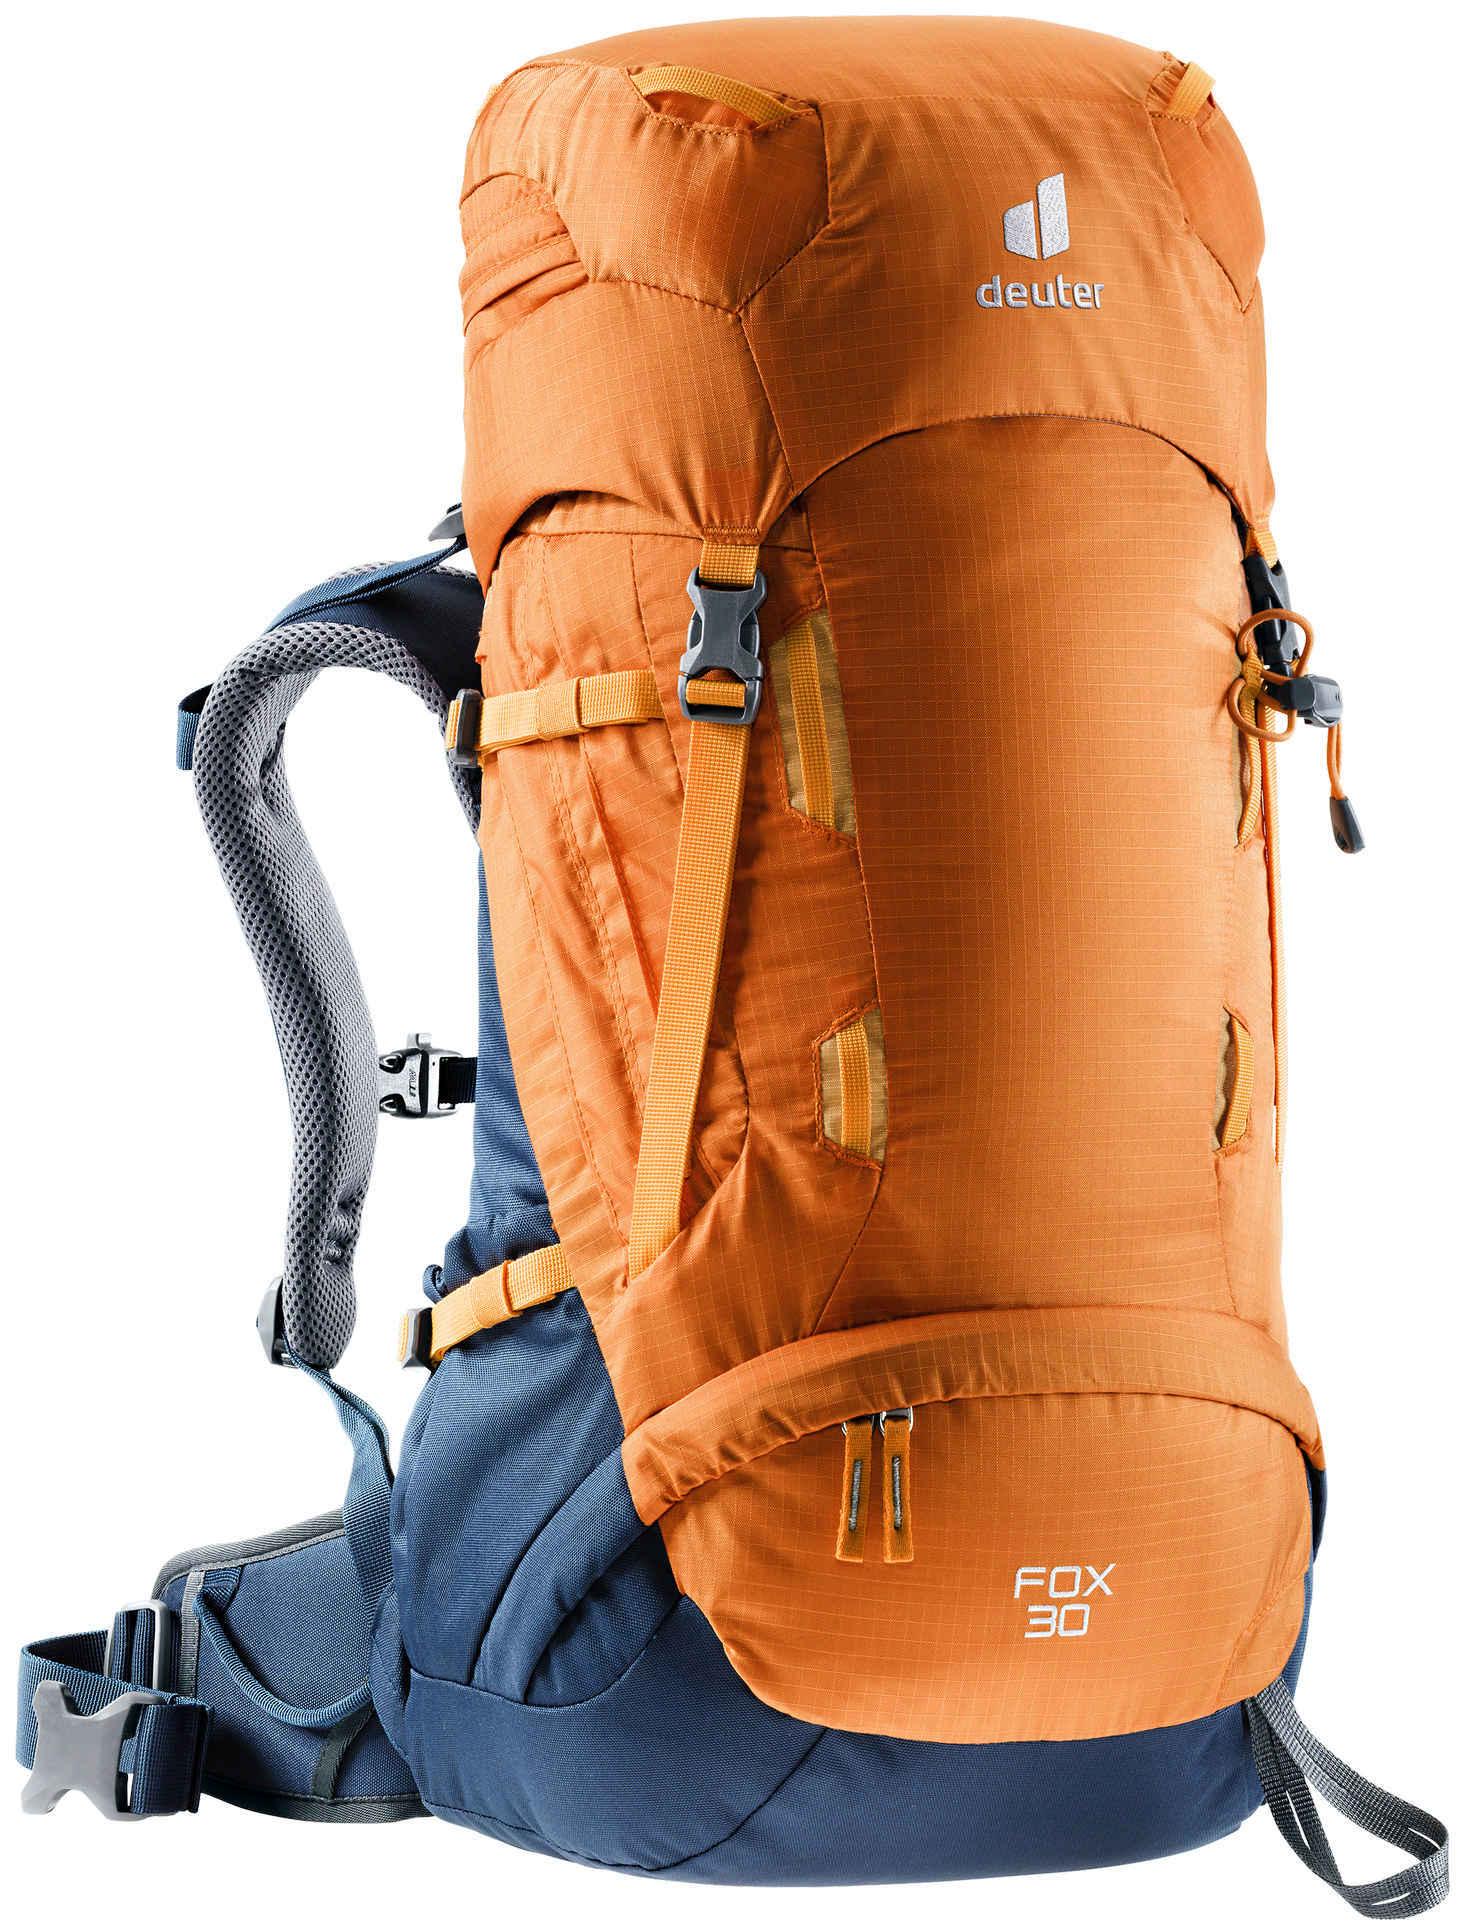 Детские рюкзаки Рюкзак детский Deuter Fox 30 (2021) 3611121-9302-Fox30-18-d0.jpg